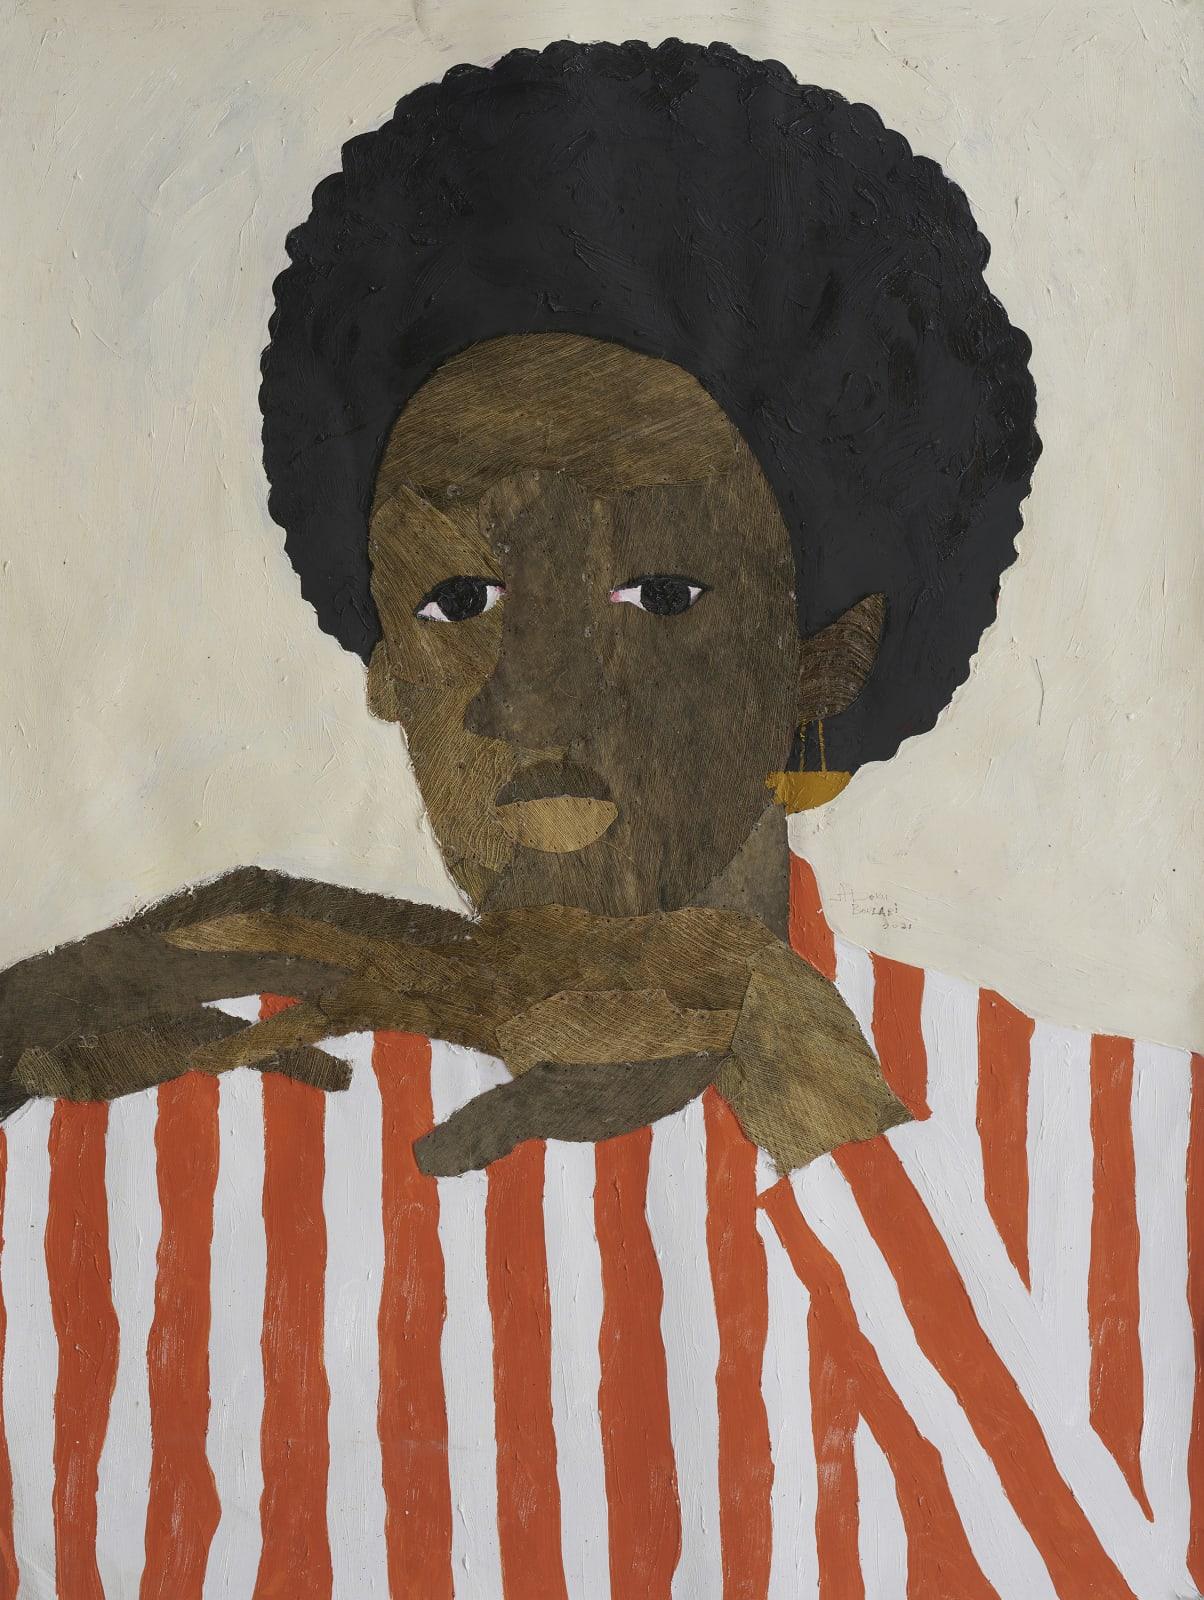 Aplerh-Doku Borlabi, Afro Boss, 2021